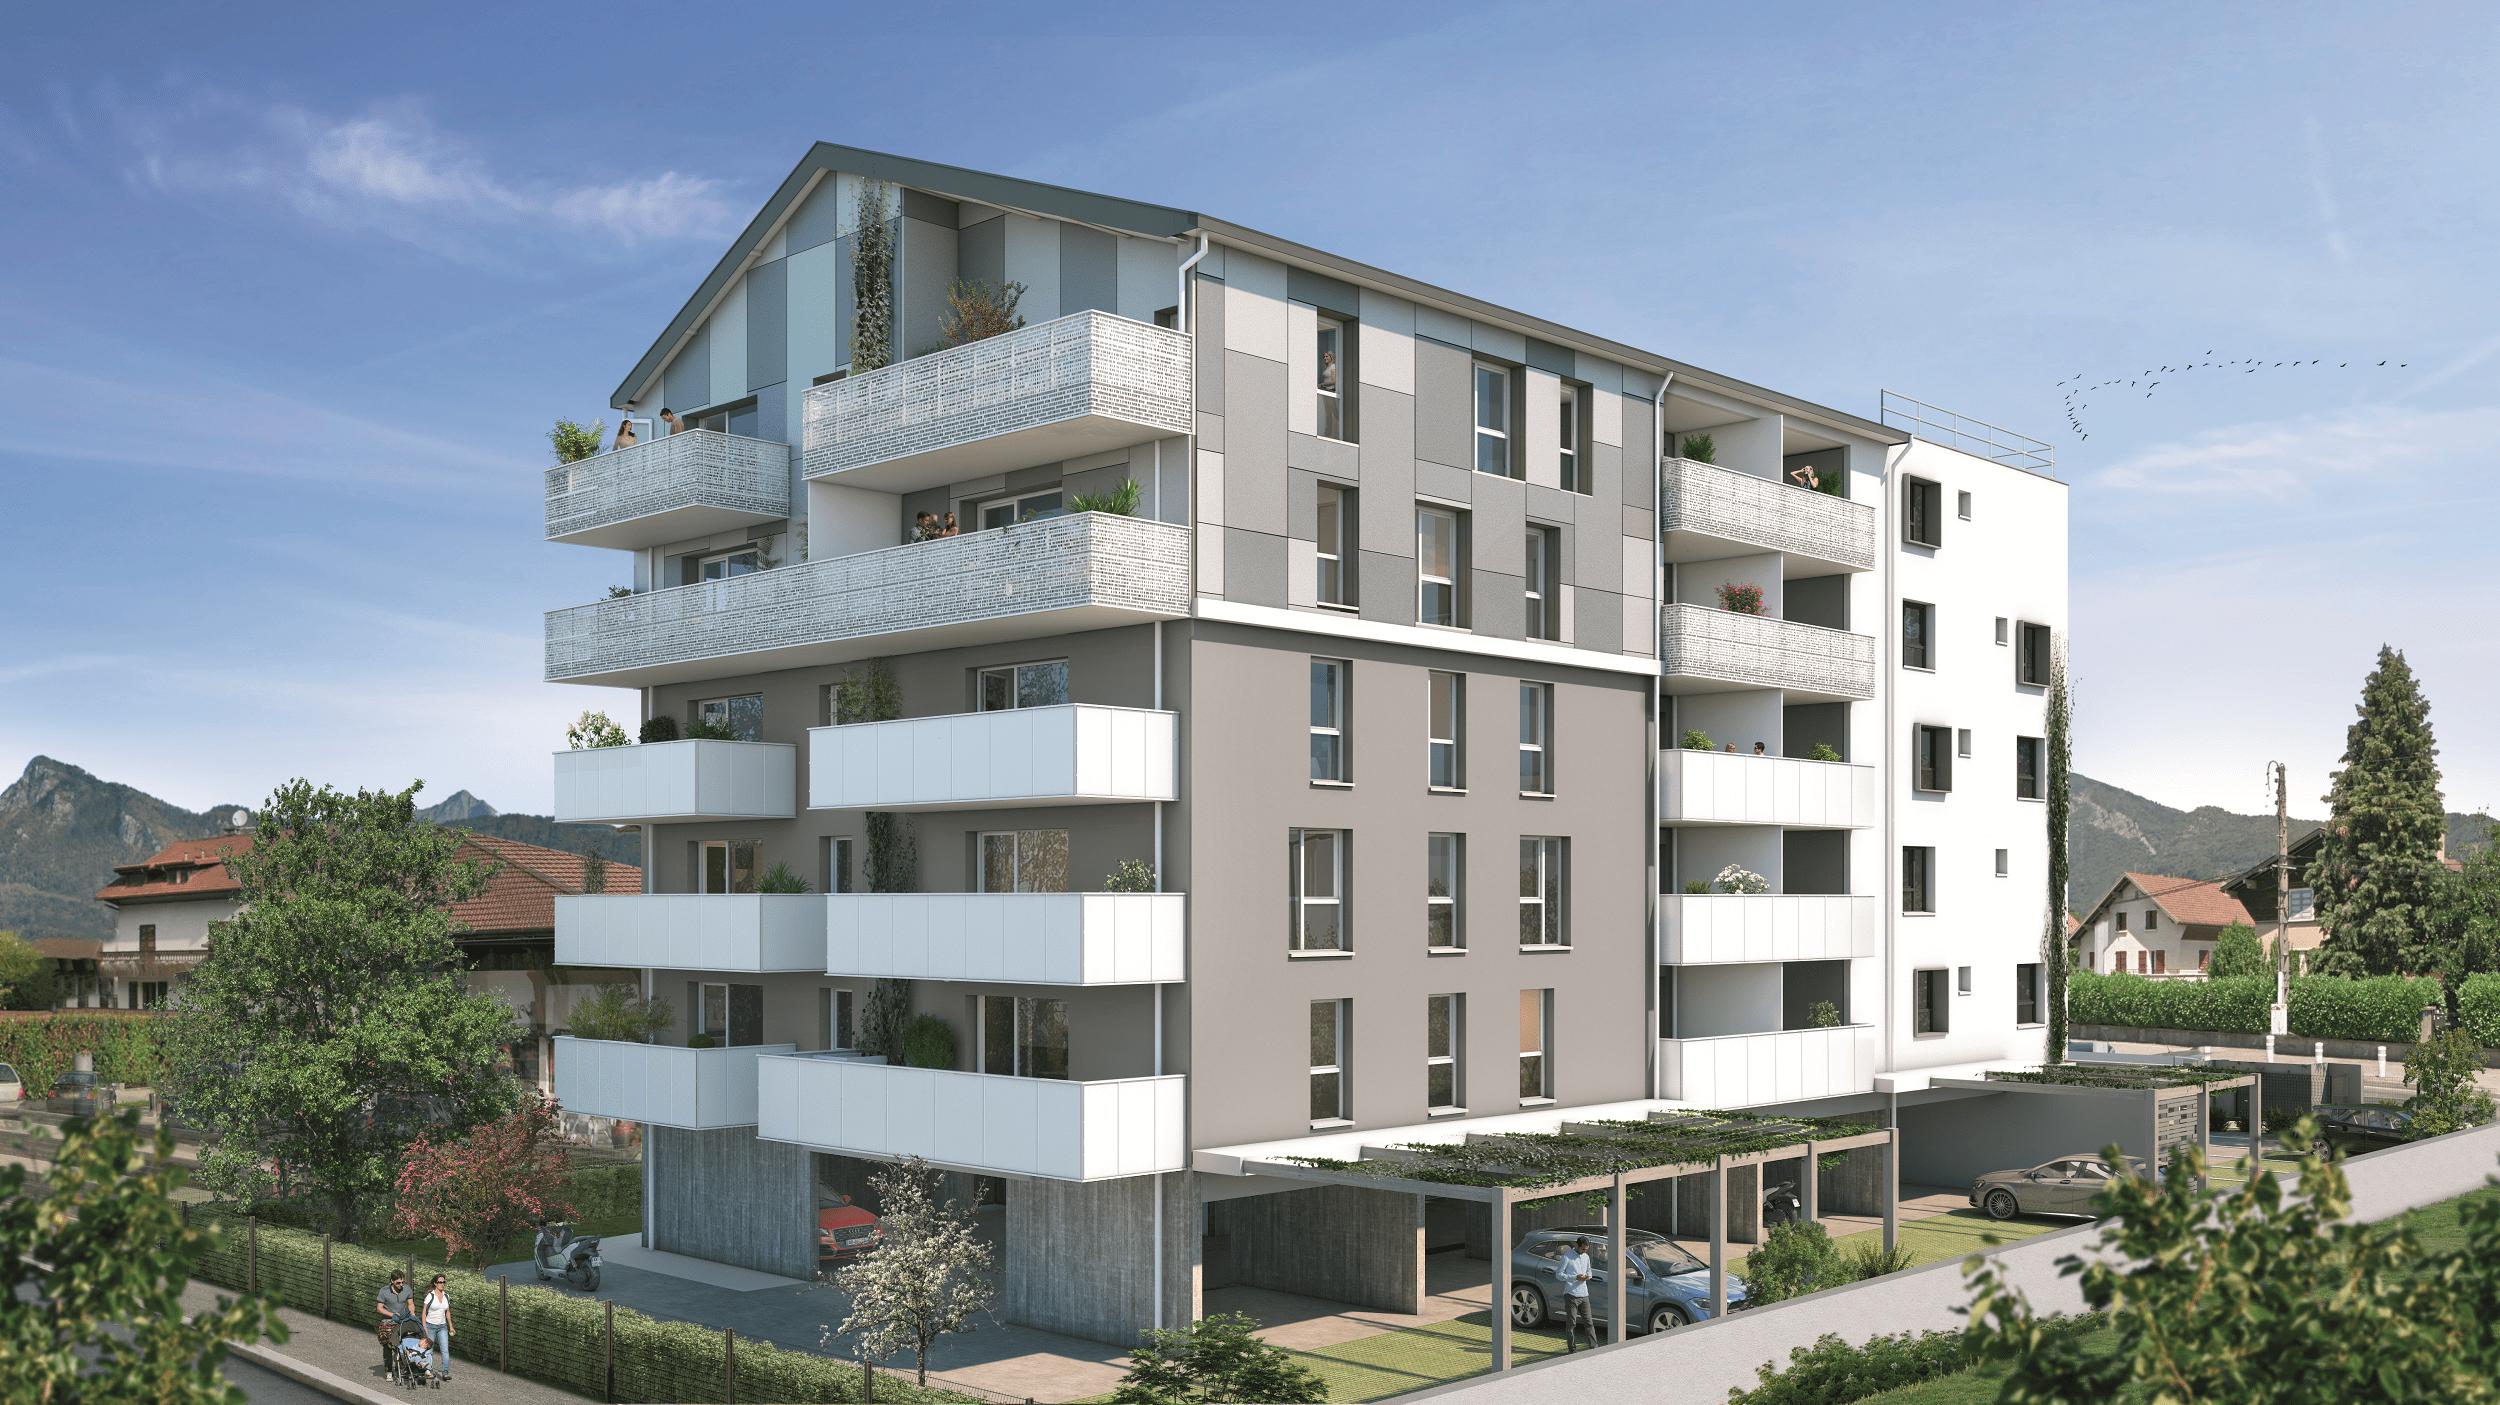 Programme immobilier GRE2 appartement à Cluses (74300) Implantée au coeur de la ville